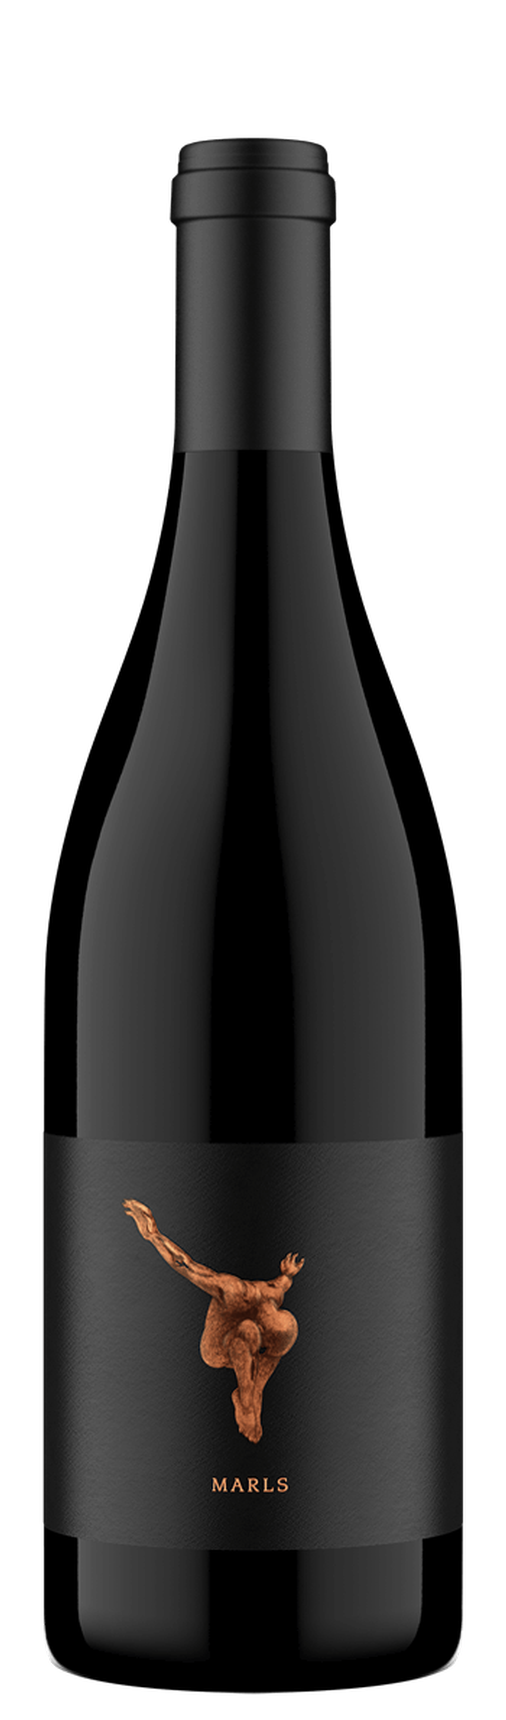 2019 Marls Red Wine